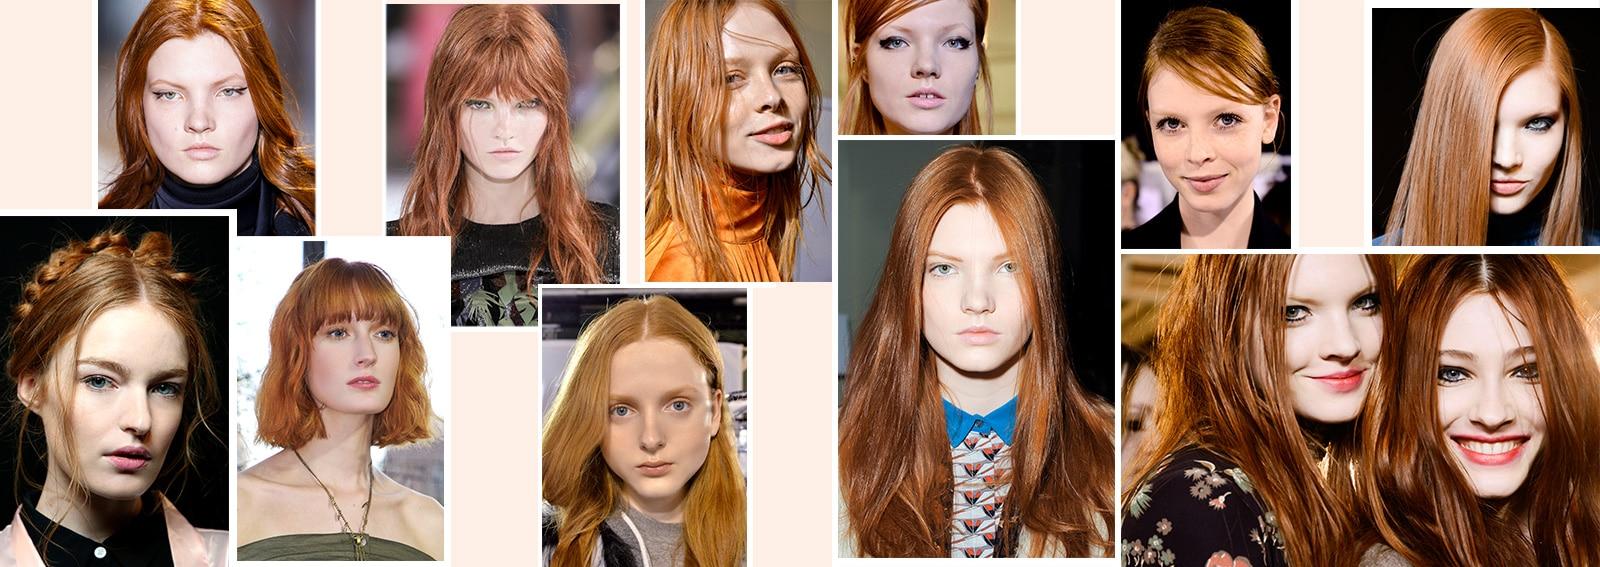 Capelli ramati: tutti gli hairlook di tendenza da provare